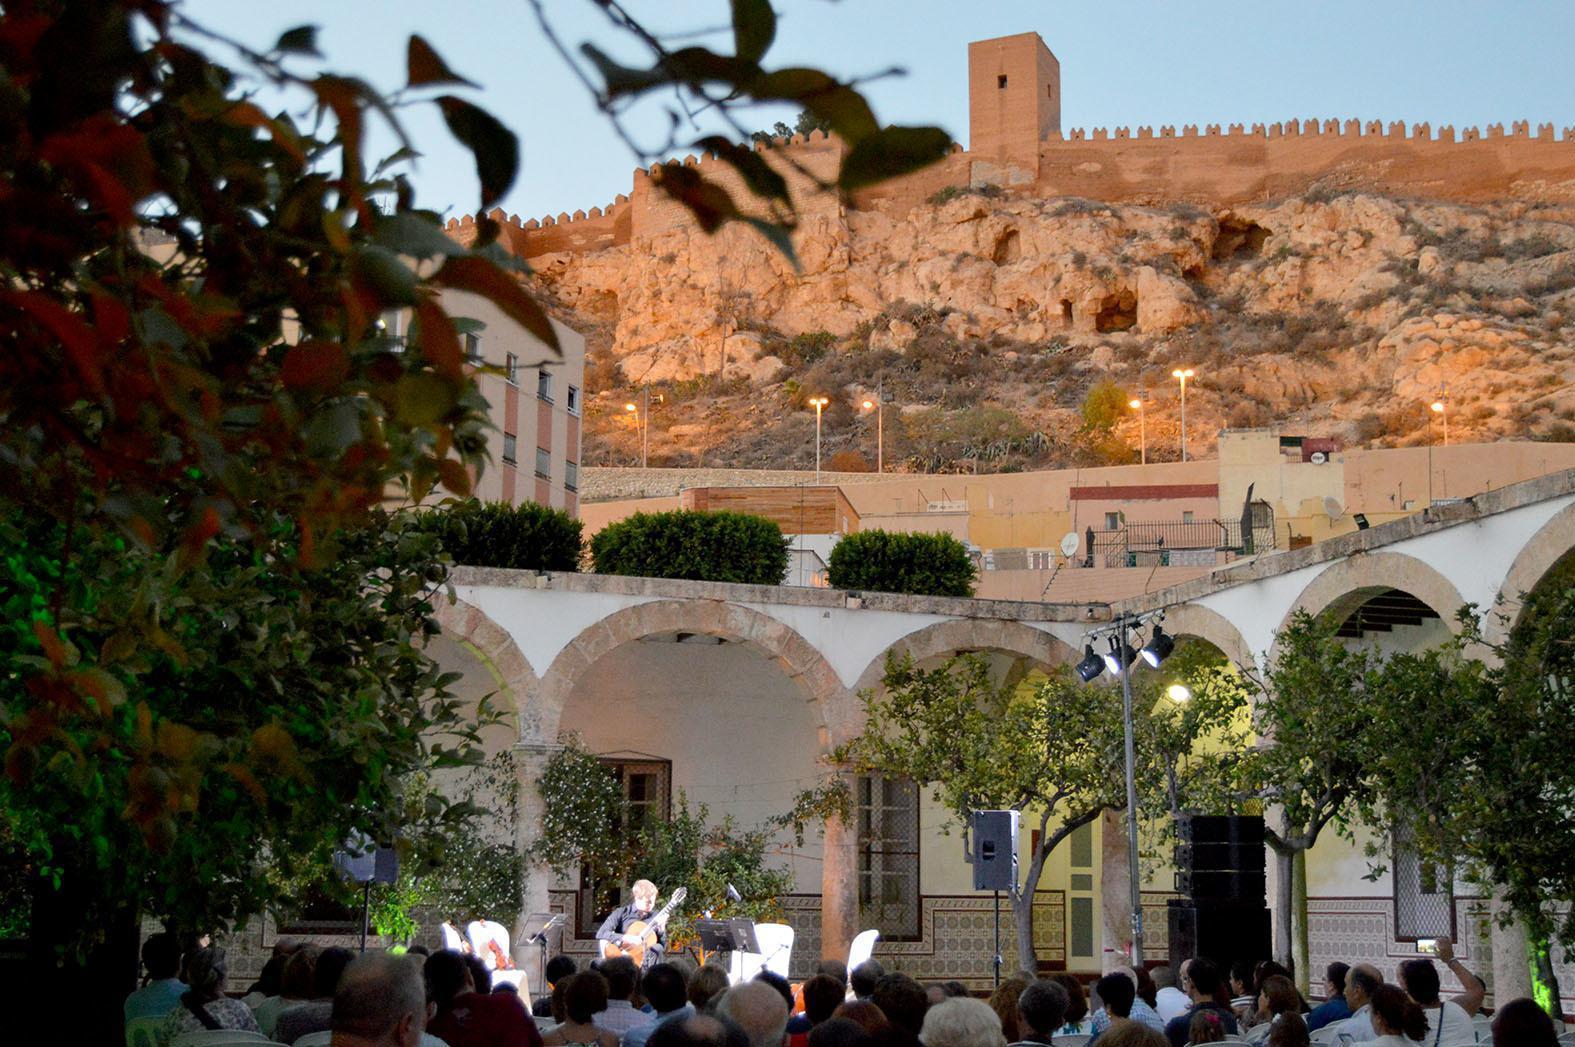 El patio de los naranjos abre sus puertas para presentar - Hotel los patios almeria ...